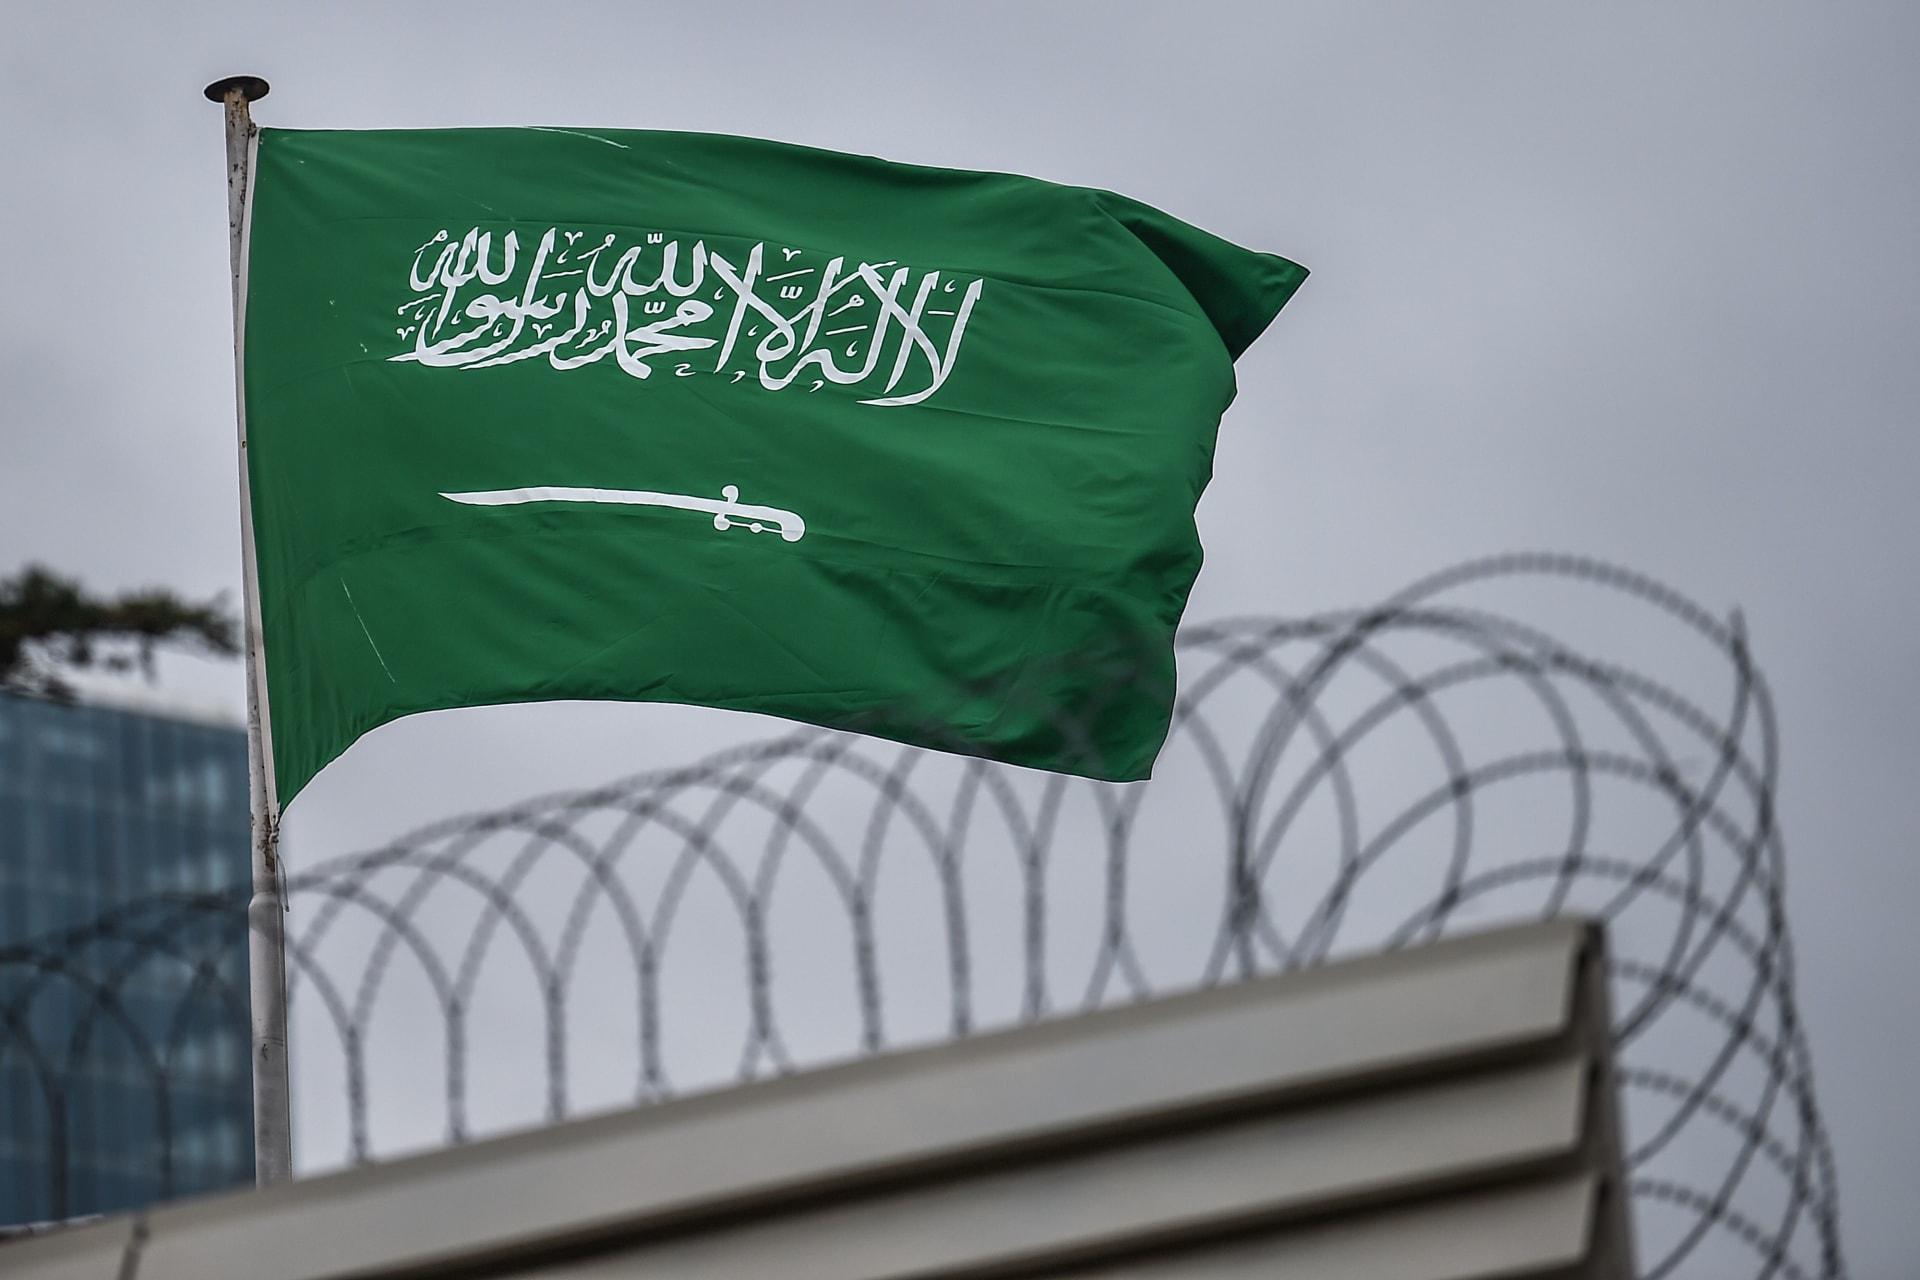 صورة للعلم السعودي فوق القنصلية السعودية في إسطنبول